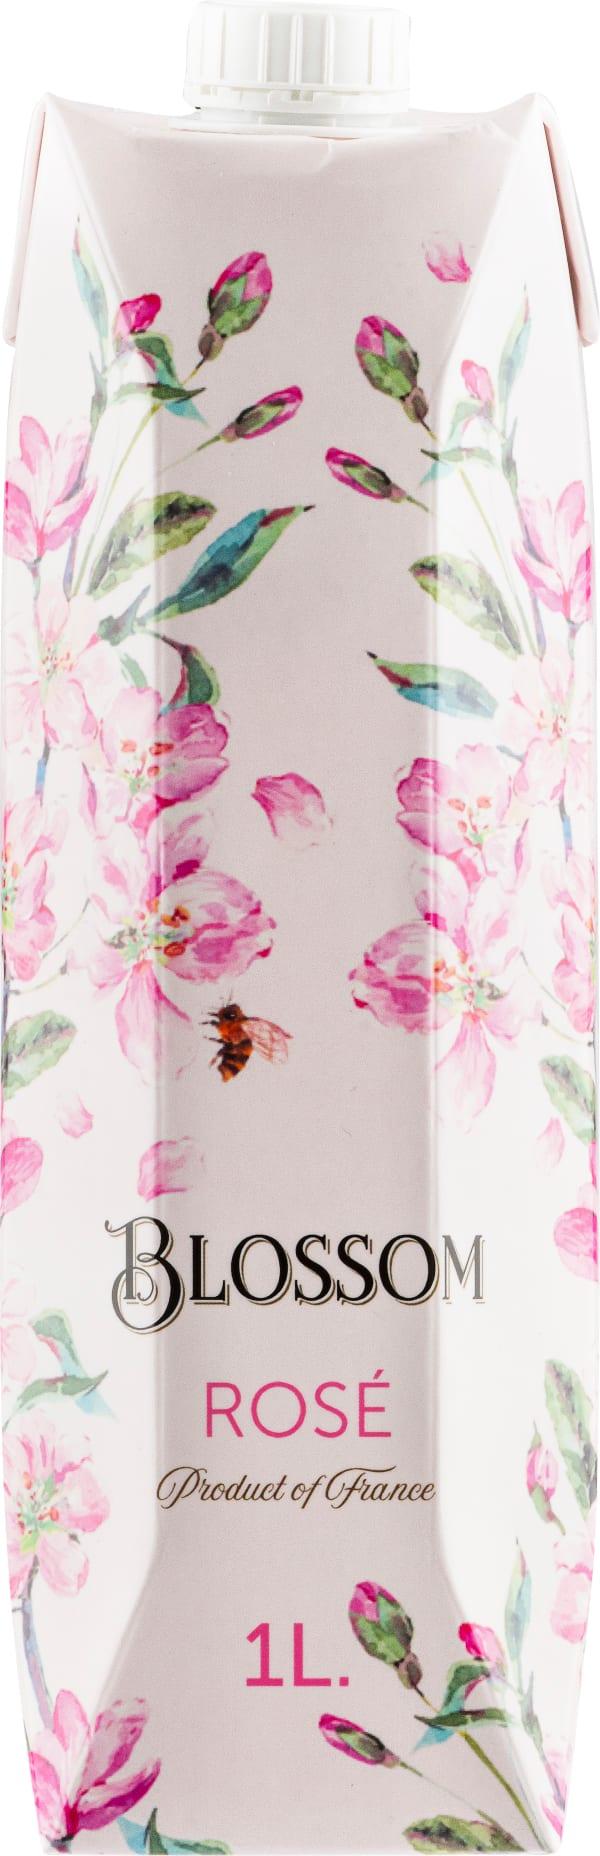 Blossom Rosé 2020 kartongförpackning